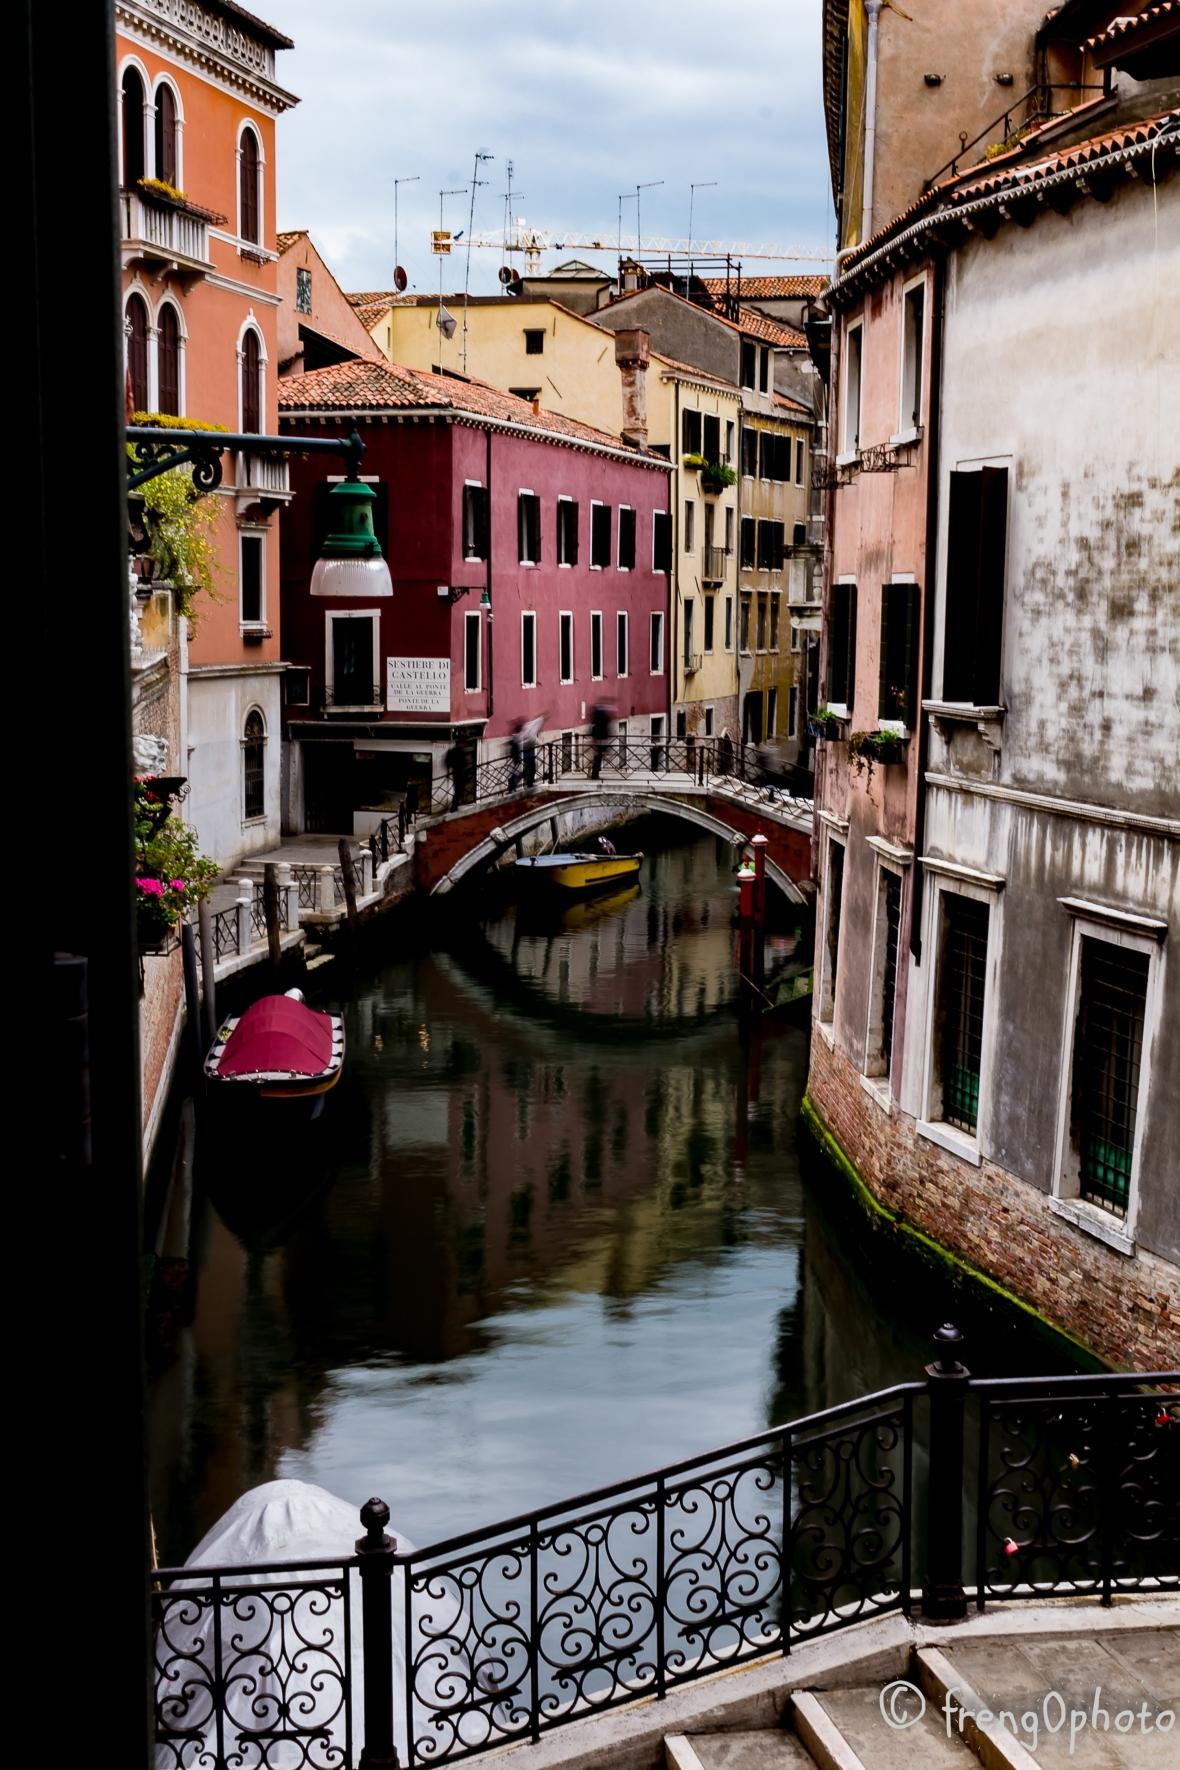 Calle Malvasia - Venezia